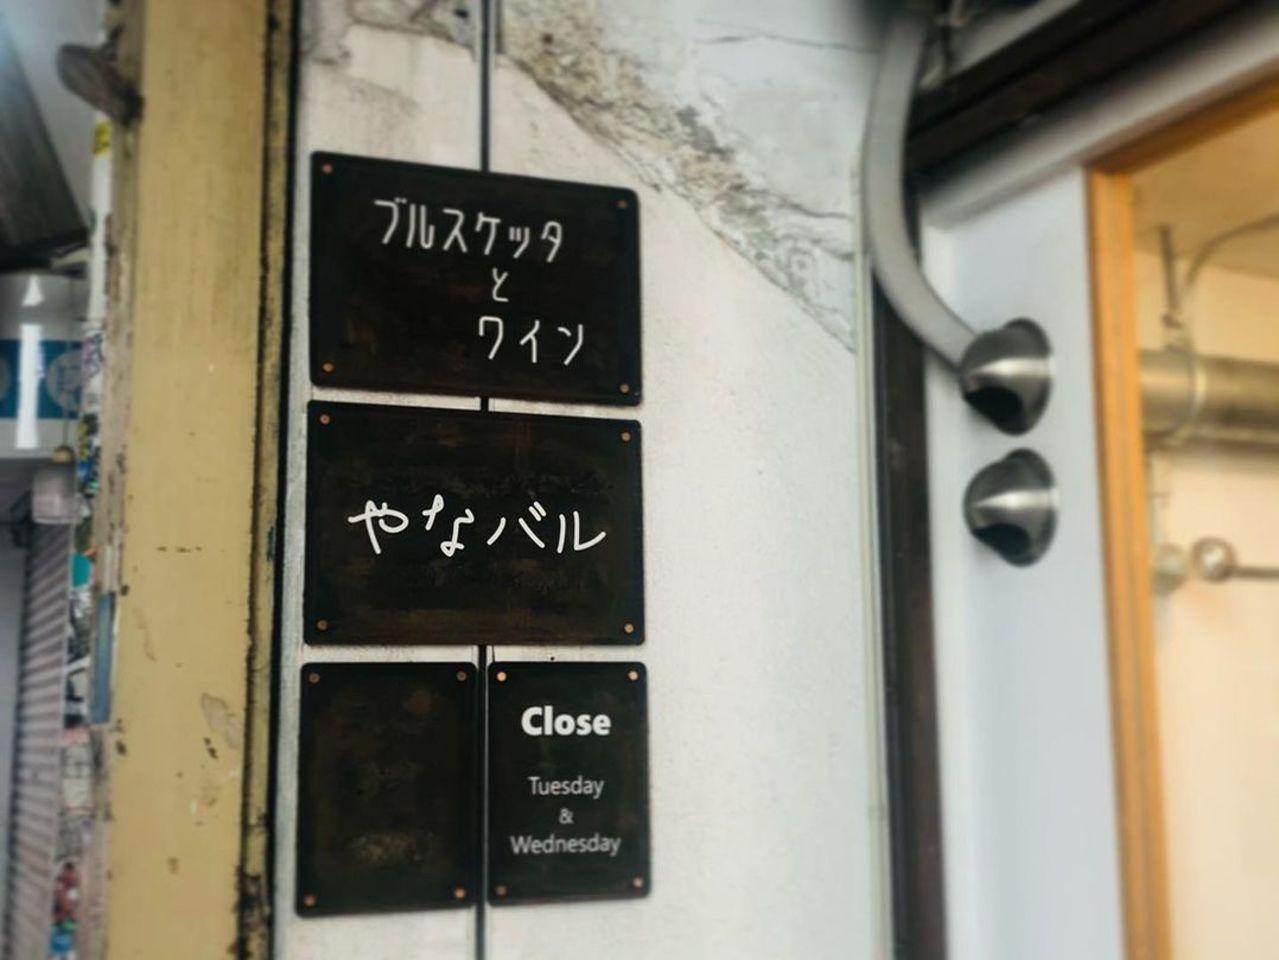 ブルスケッタとワイン...岐阜県岐阜市やながせ倉庫に「やなバル」本日グランドオープン